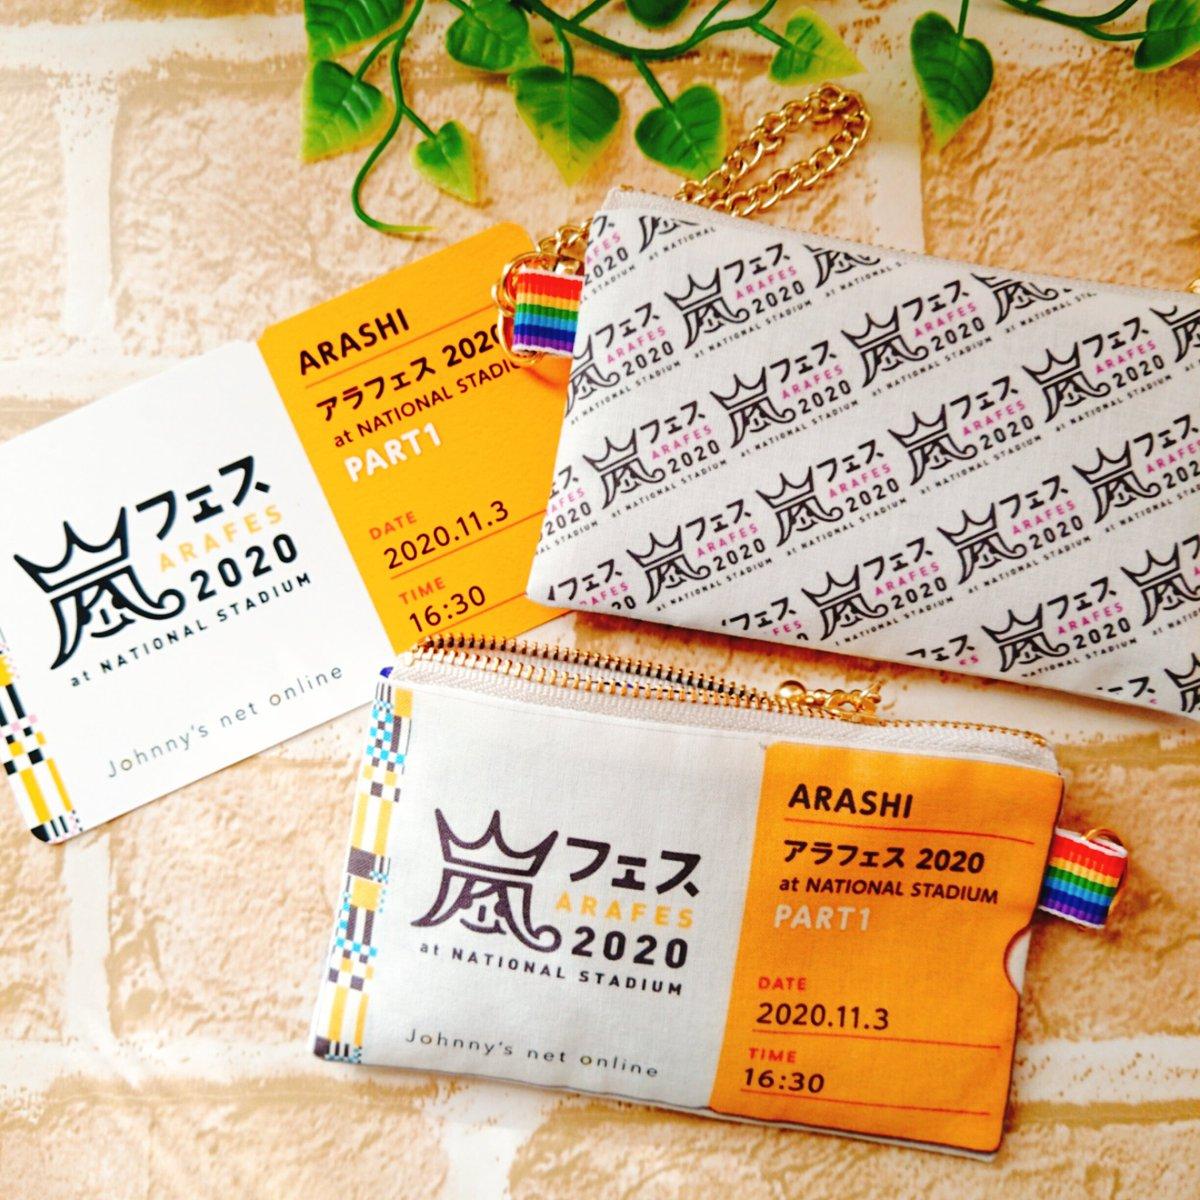 アラフェス 2020 チケット